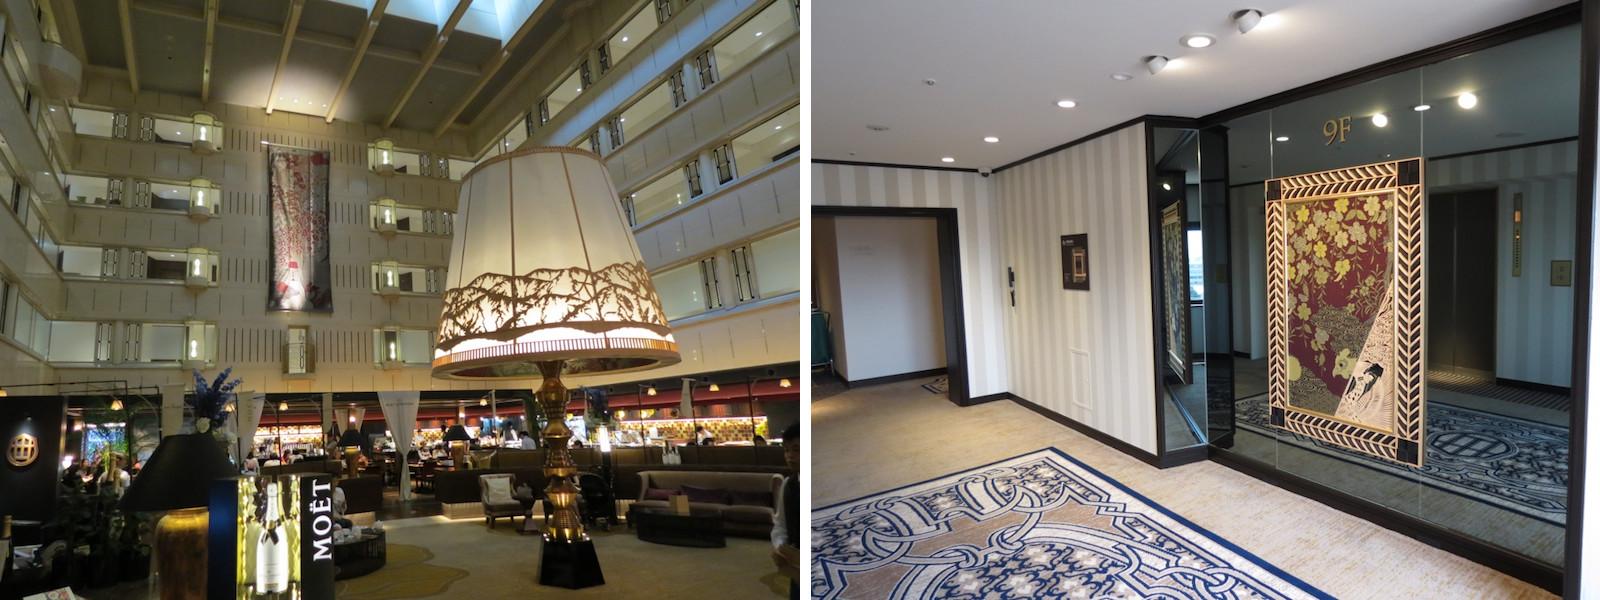 lobby-kyoto-century-hotel